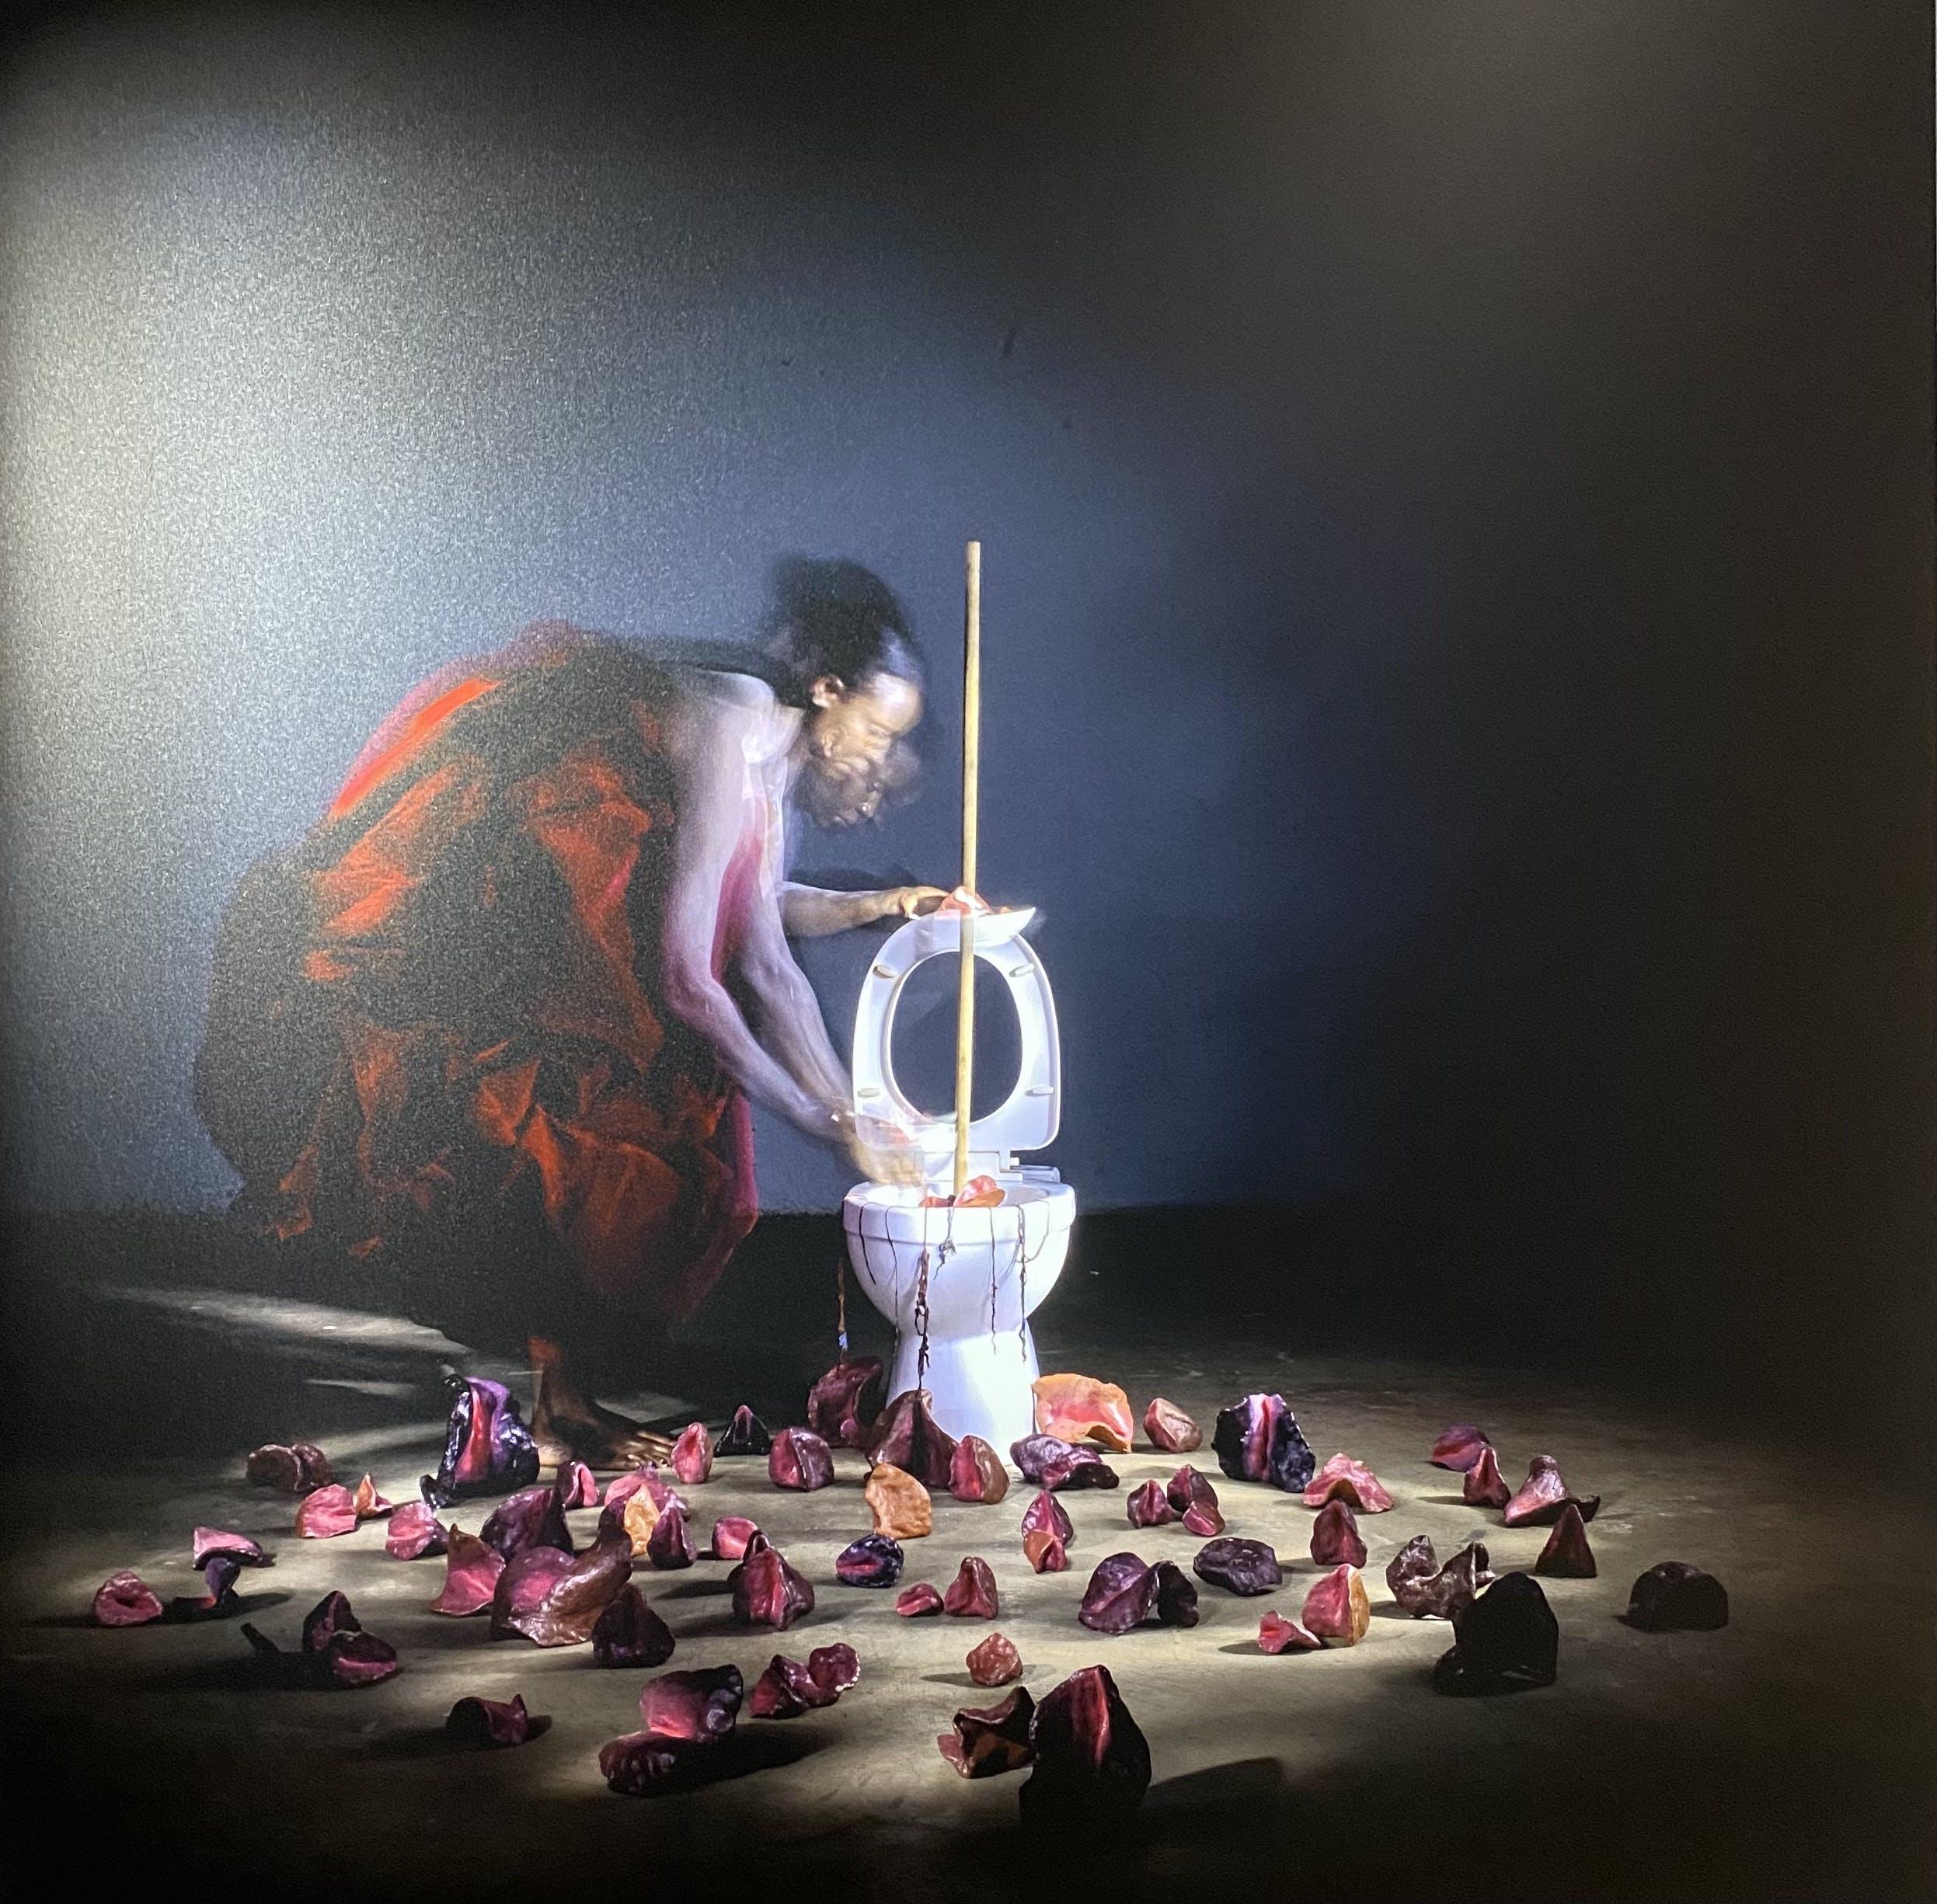 Stacey Gillian Abe - ENYA SA (Impression sur Didon) - The Power of My Hands - Musée d'Art moderne de Paris